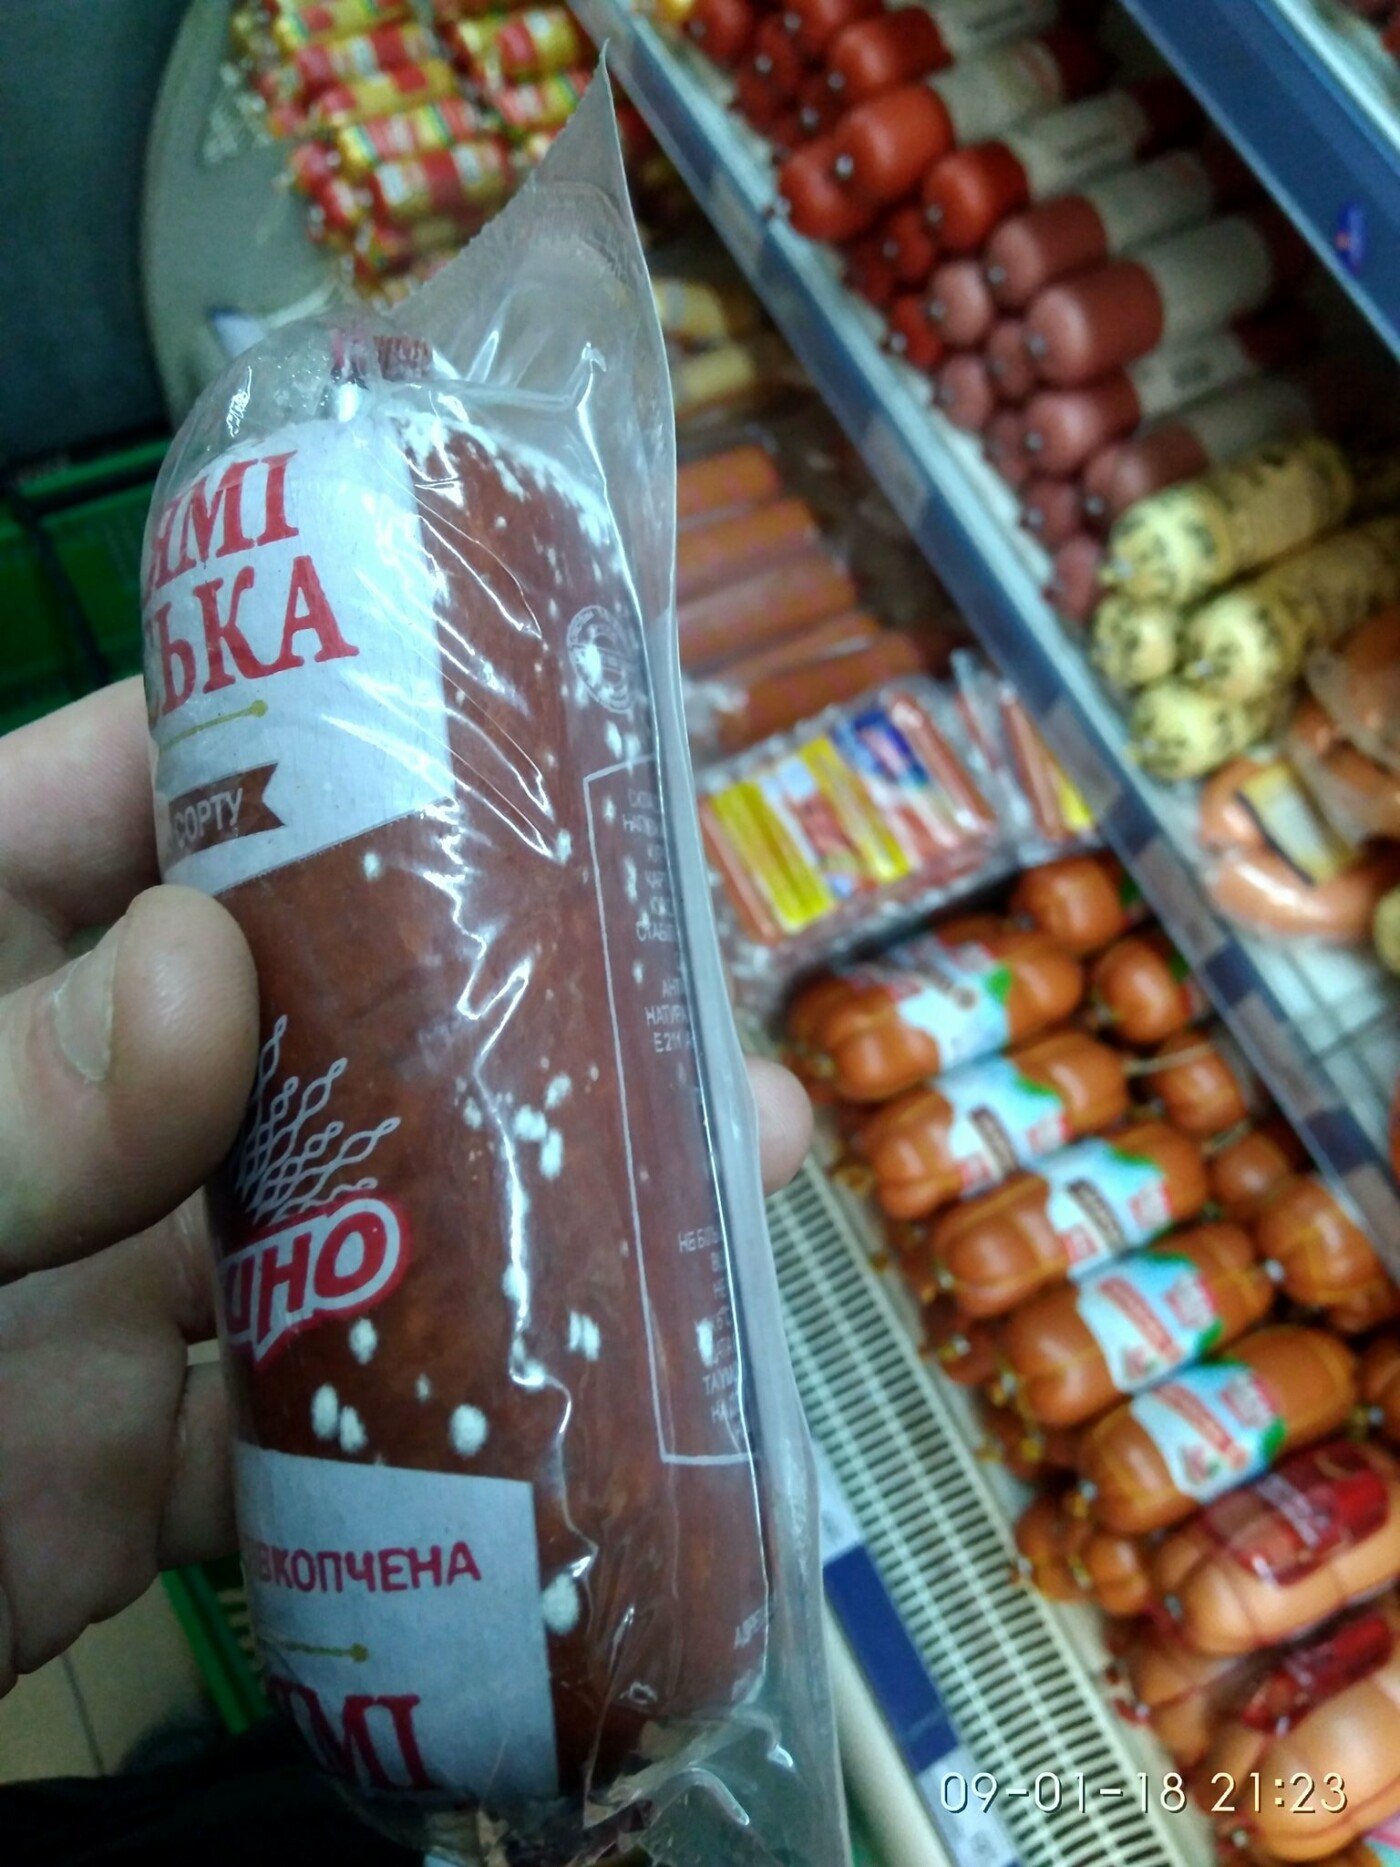 Херсонцев в супермаркете кормят заплесневевшей колбасой, фото-1